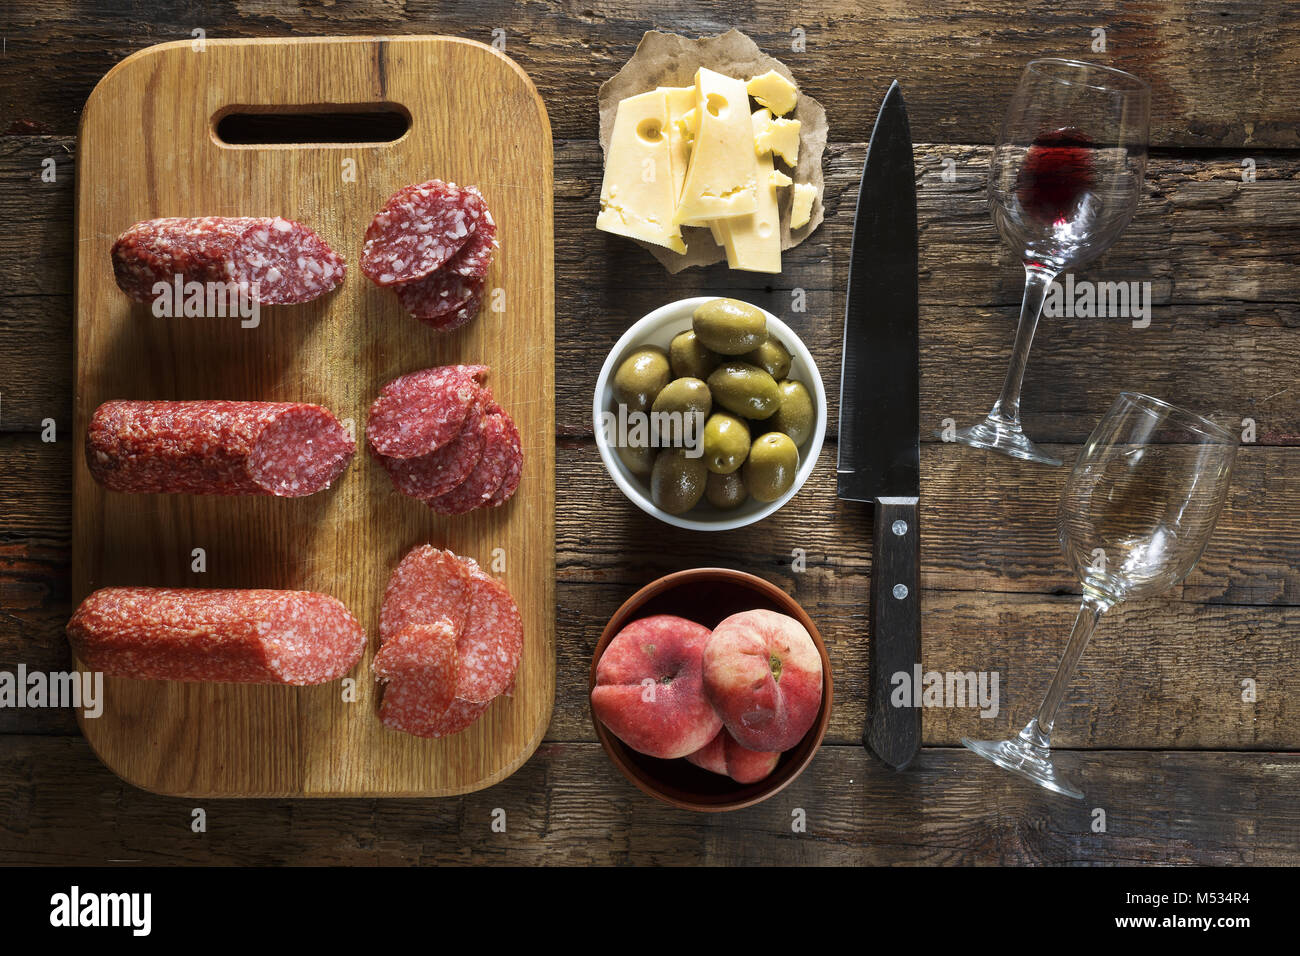 Vino y aperitivos. El cuadro italiano. Cocina francesa. Las tradiciones europeas. Imagen De Stock